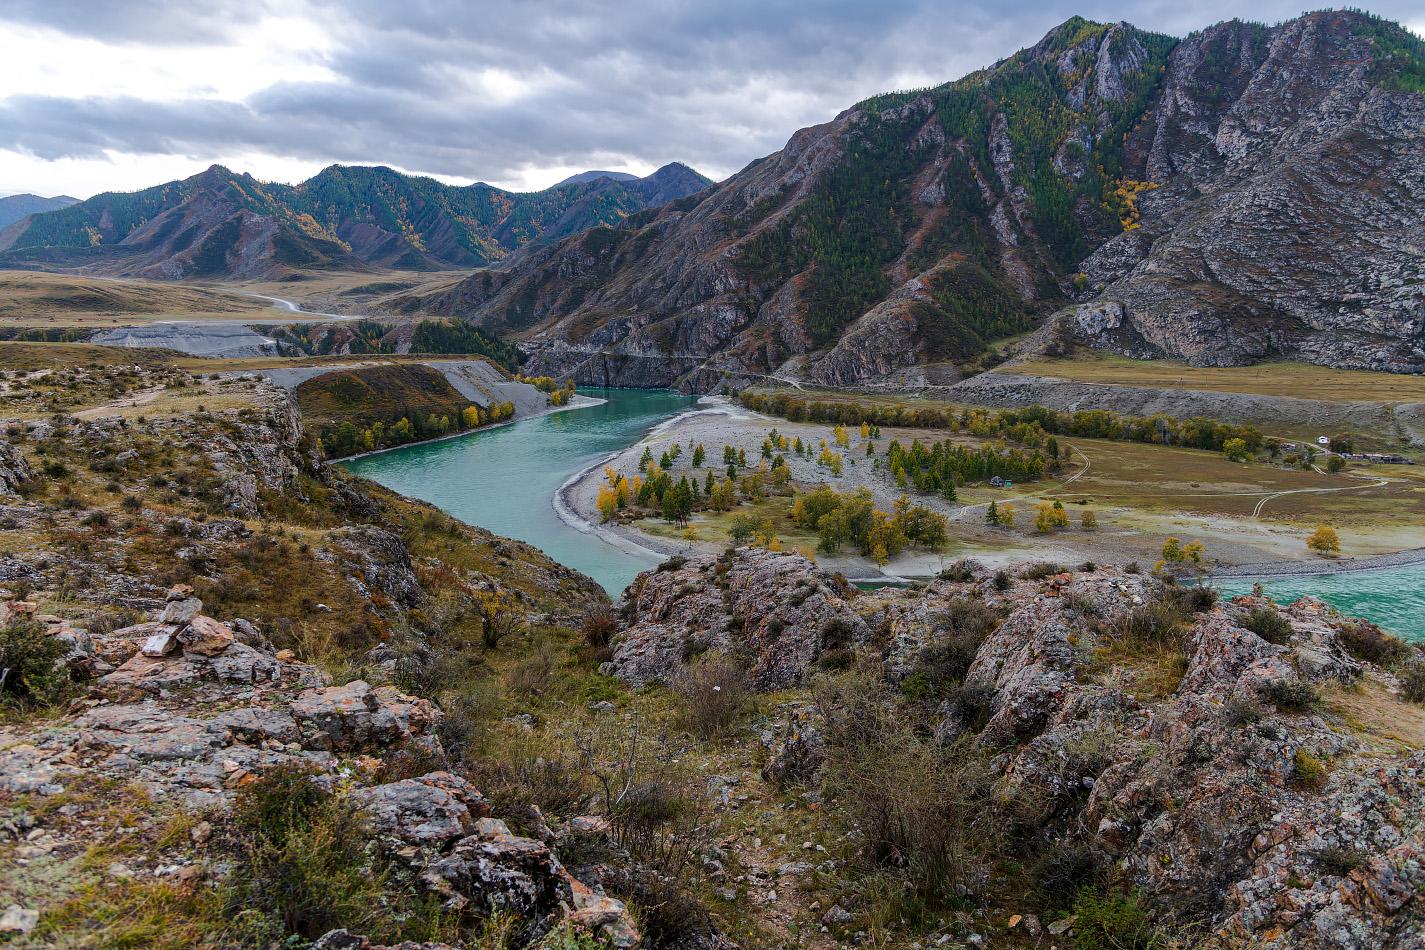 """фото """"Горный Алтай"""" метки: пейзаж, путешествия, Алтай, горы, осень, путешествие, река"""